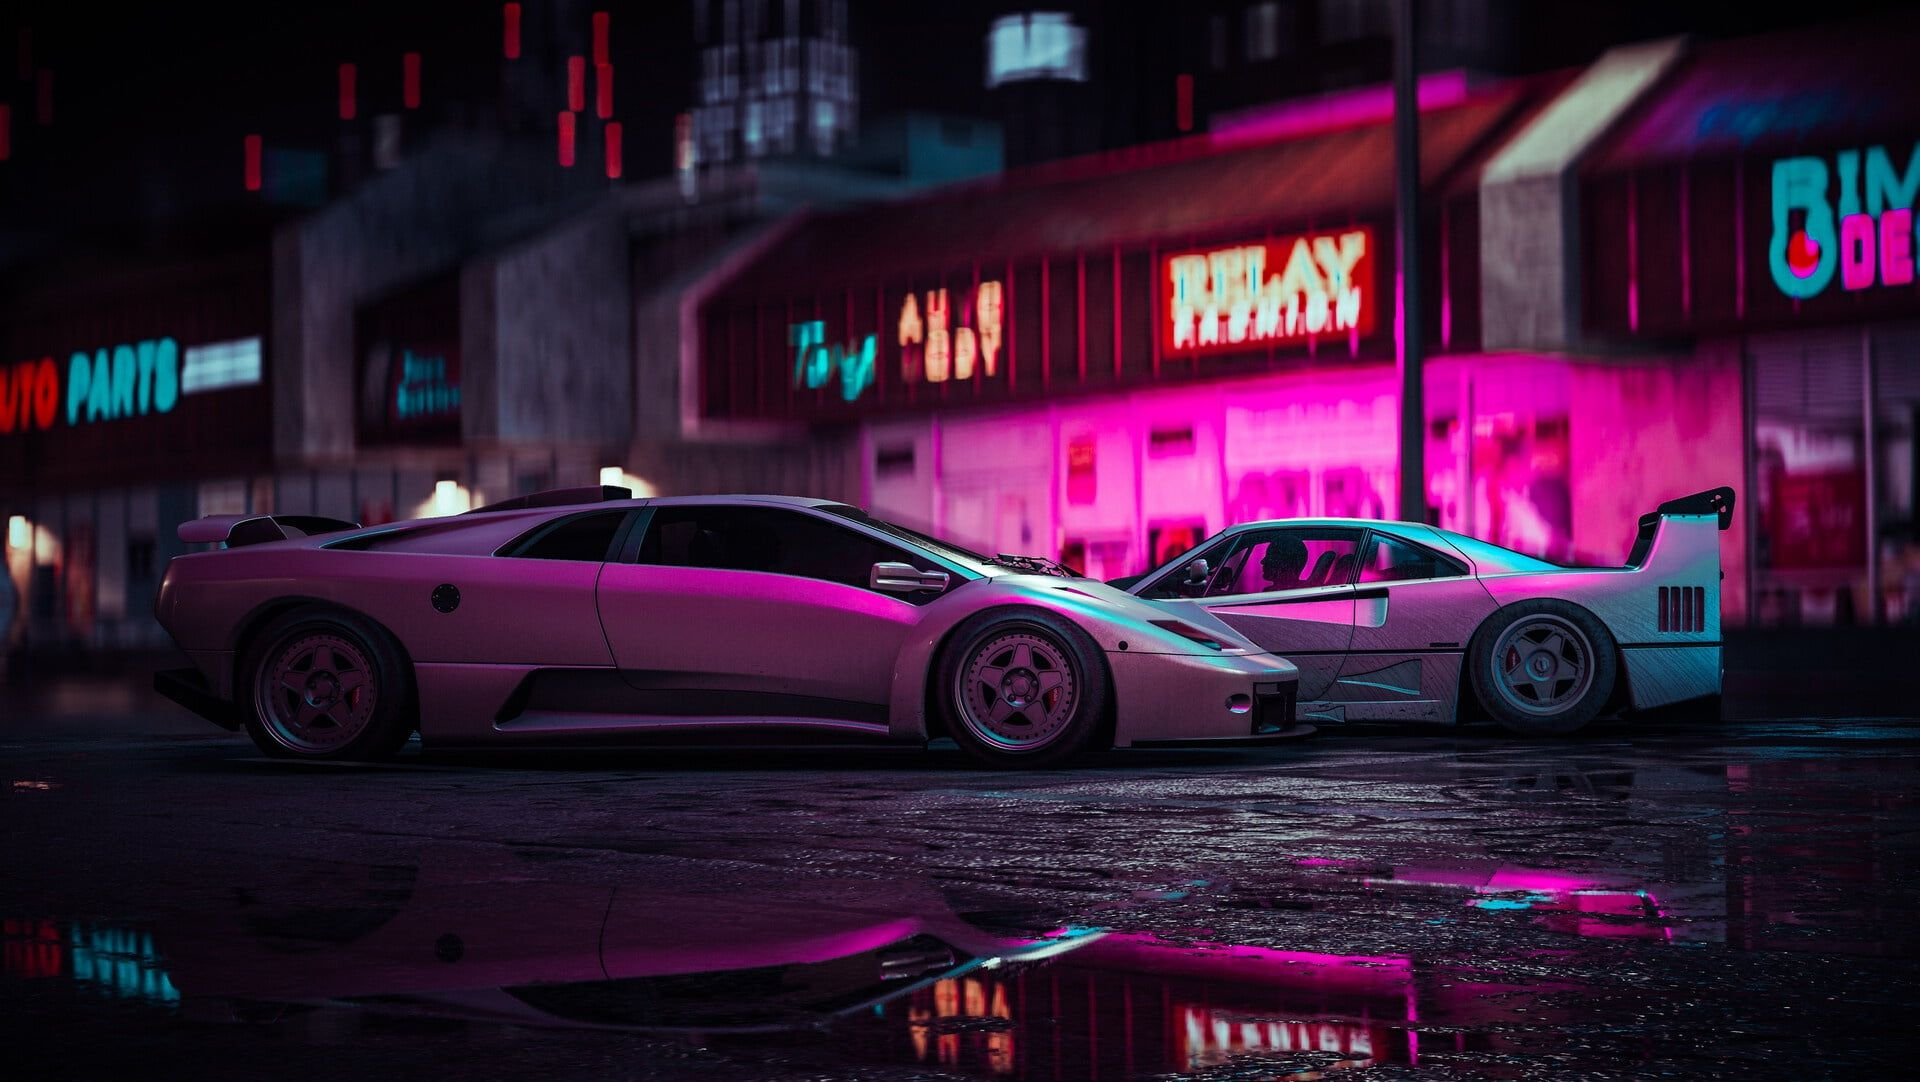 Artwork Digital Art Car Vehicle Lamborghini Ferrari 1080p Wallpaper Hdwallpaper Desktop Car Bmw Wallpapers Neon Wallpaper